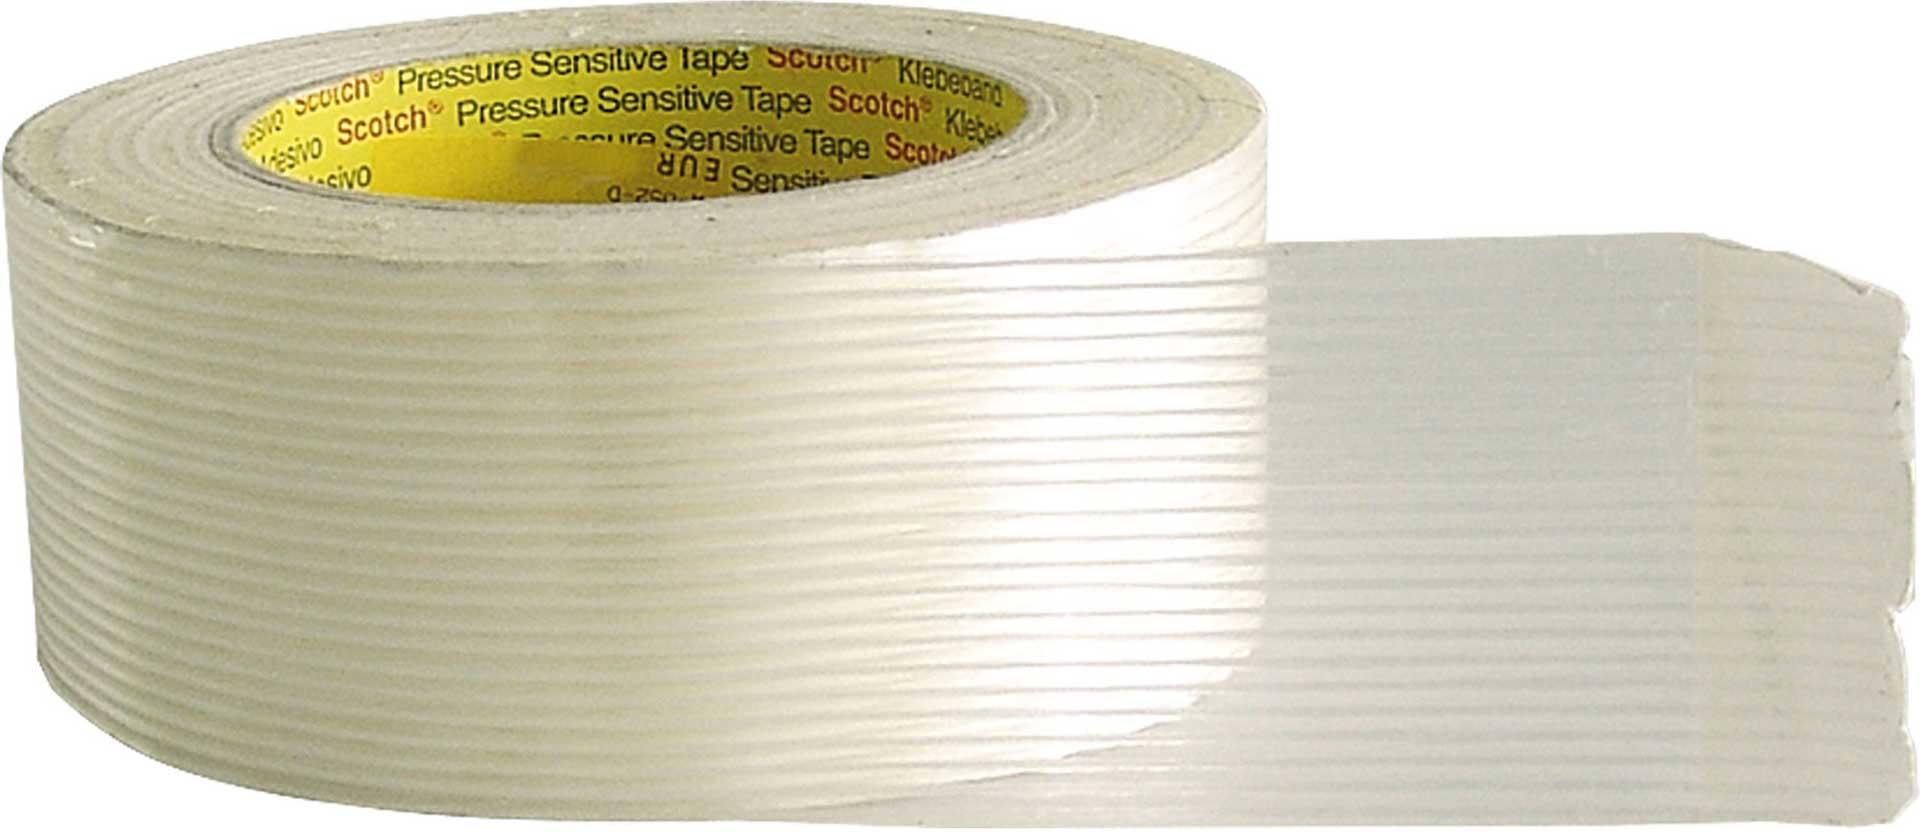 GLASS FILAMENT ADHESIVE TAPE 3M 38MM/50L